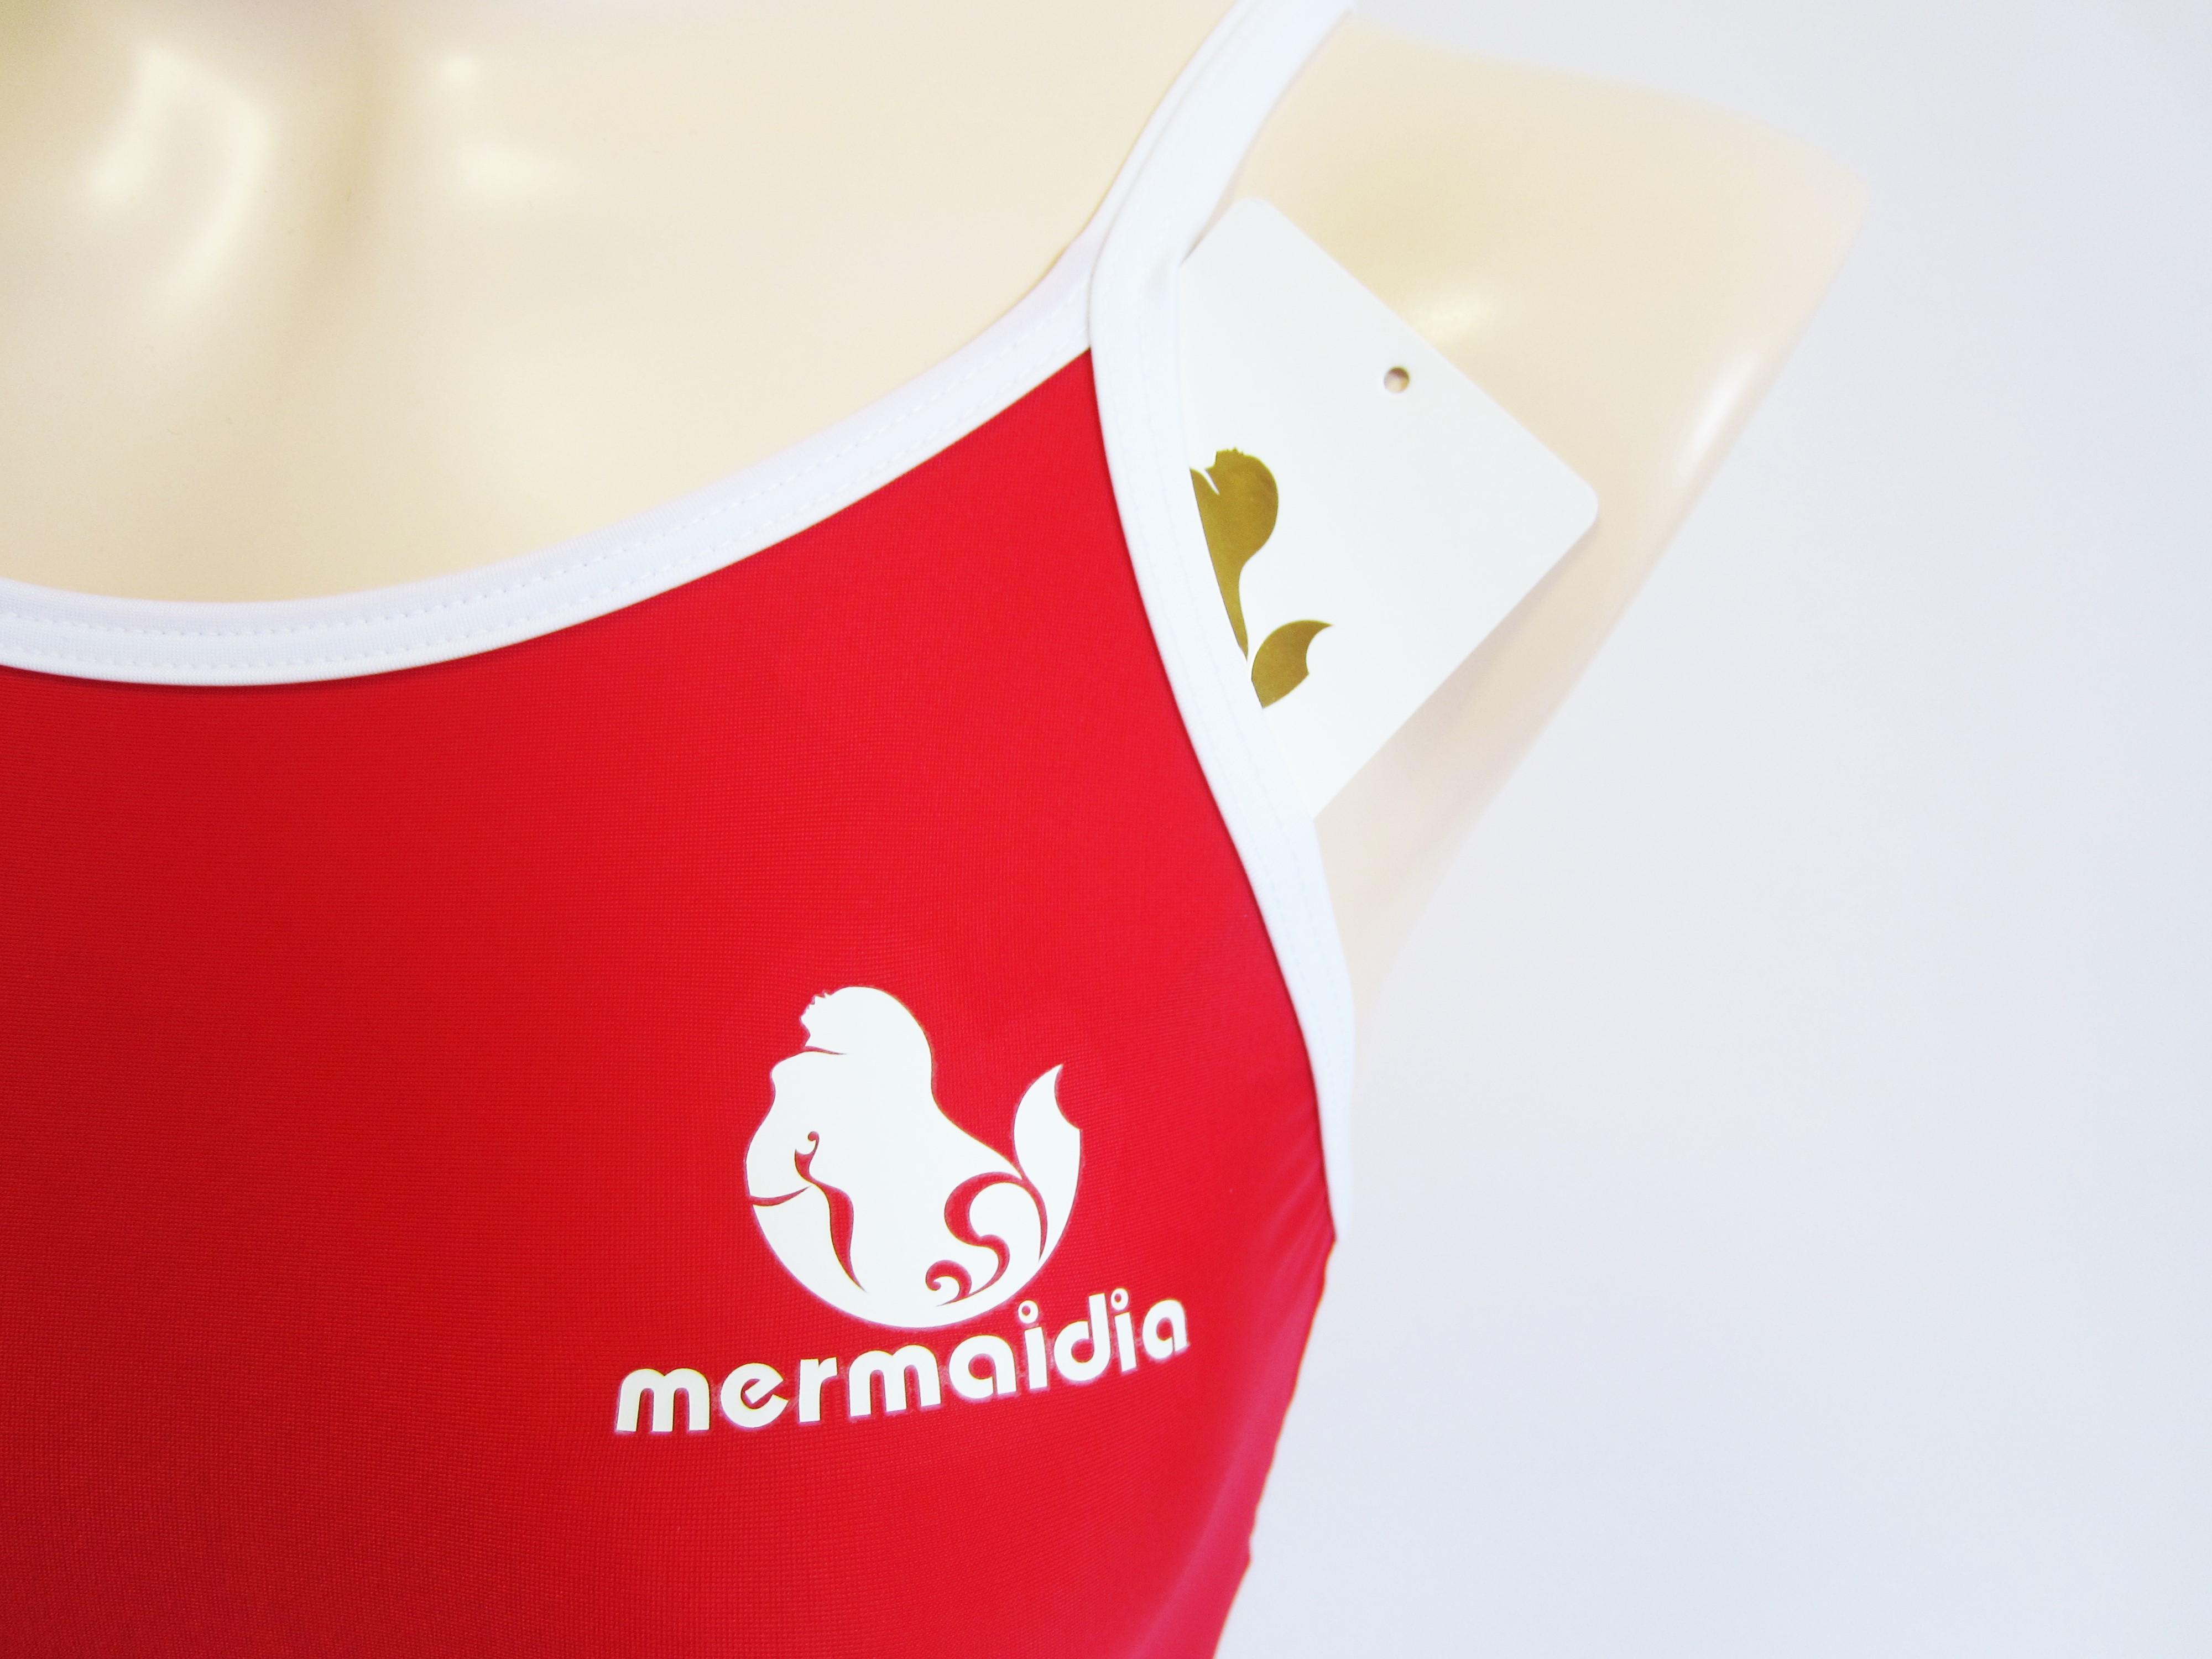 Mermaidia (マーメイディア) スクール水着 チェリー × ホワイト  スク水